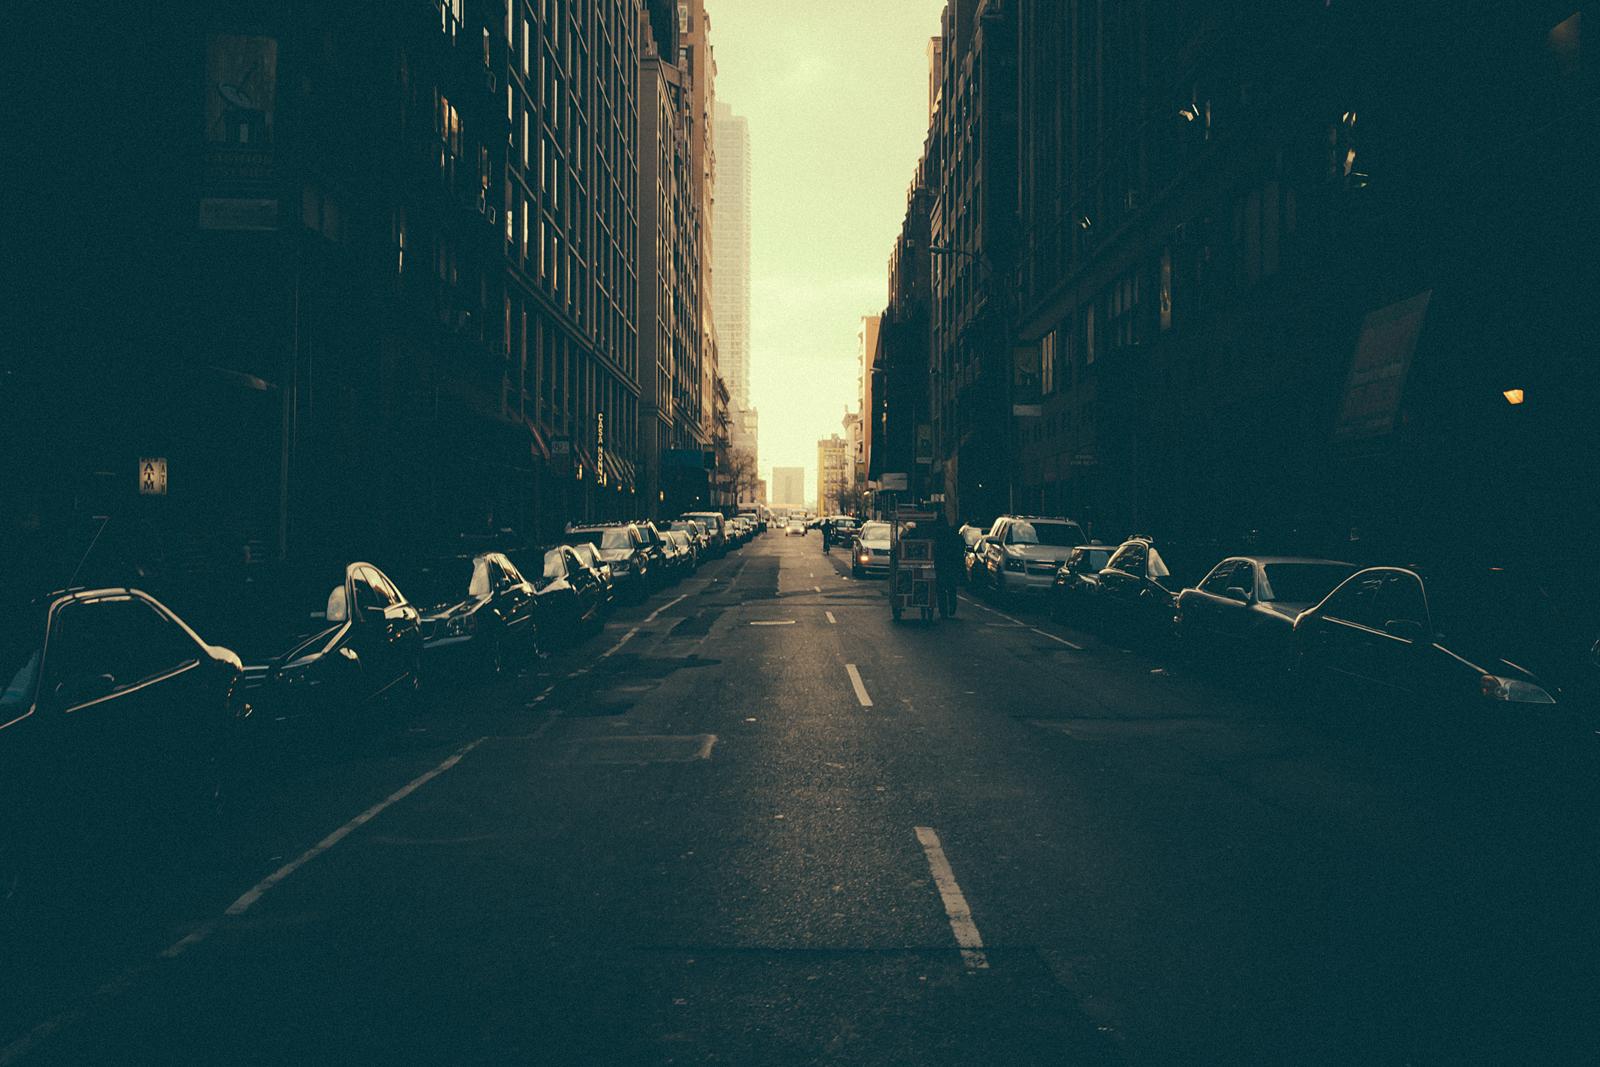 bolfo_0001s_0005_NYC